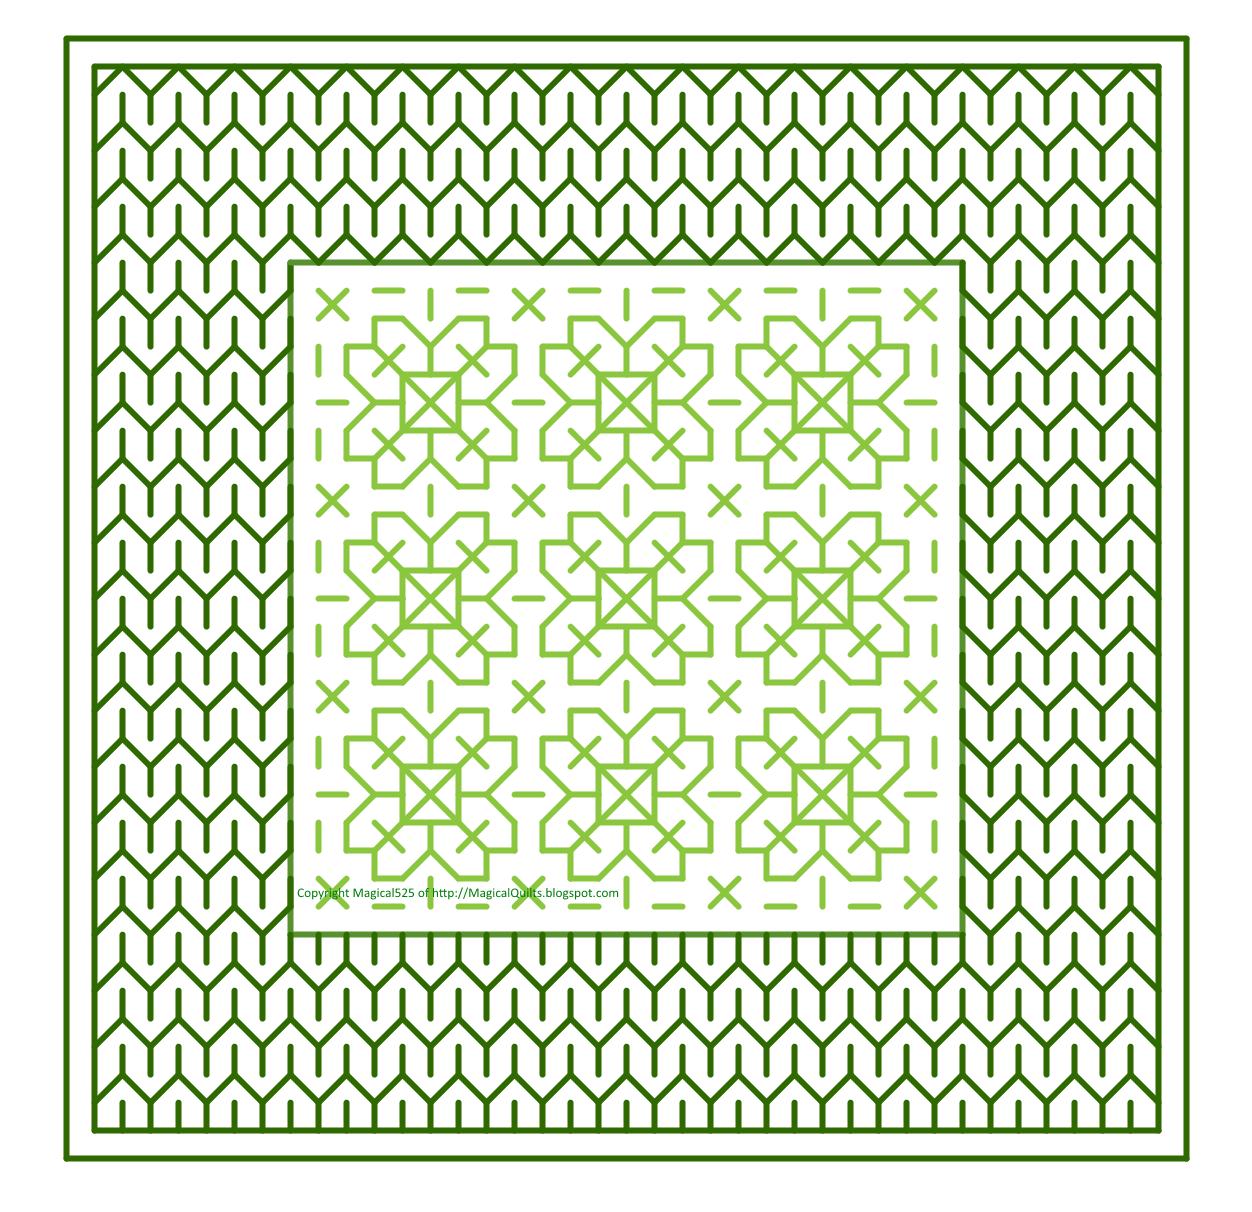 Blackwork Patterns Simple Design Inspiration